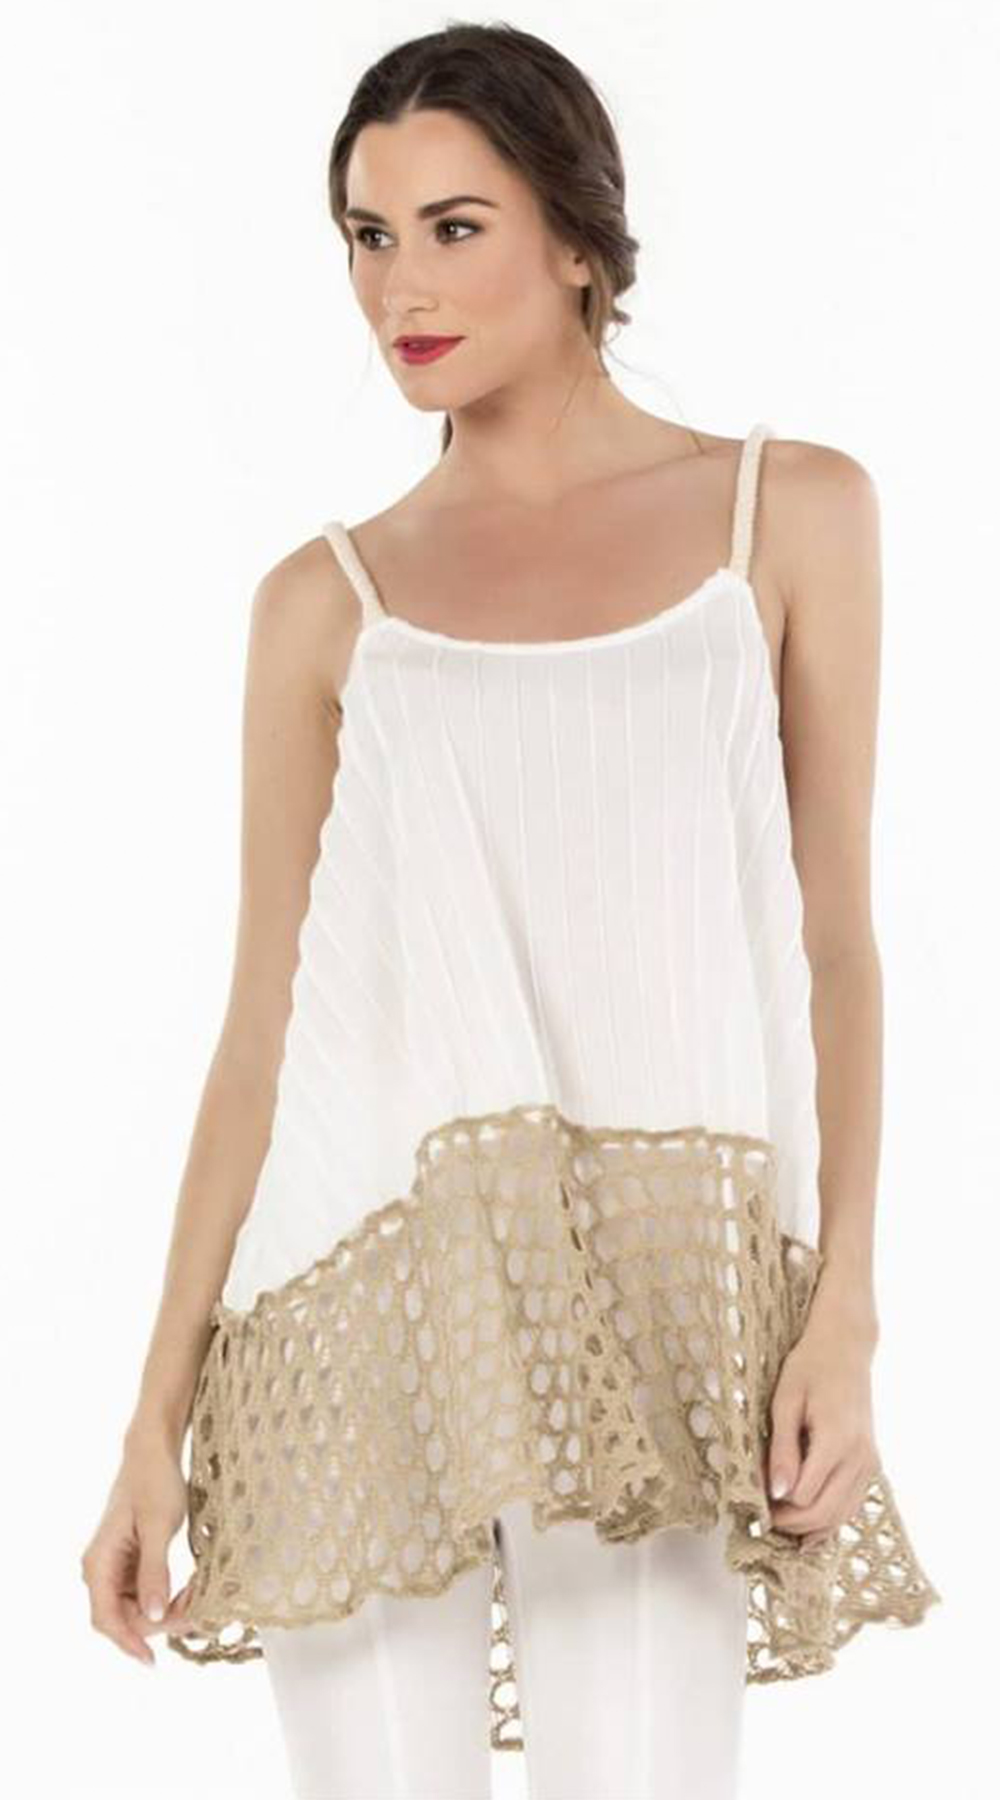 Μπλούζα με τιράντες και δίχτυ Online - ONLINE - S18ON-11355 top trends casual chic